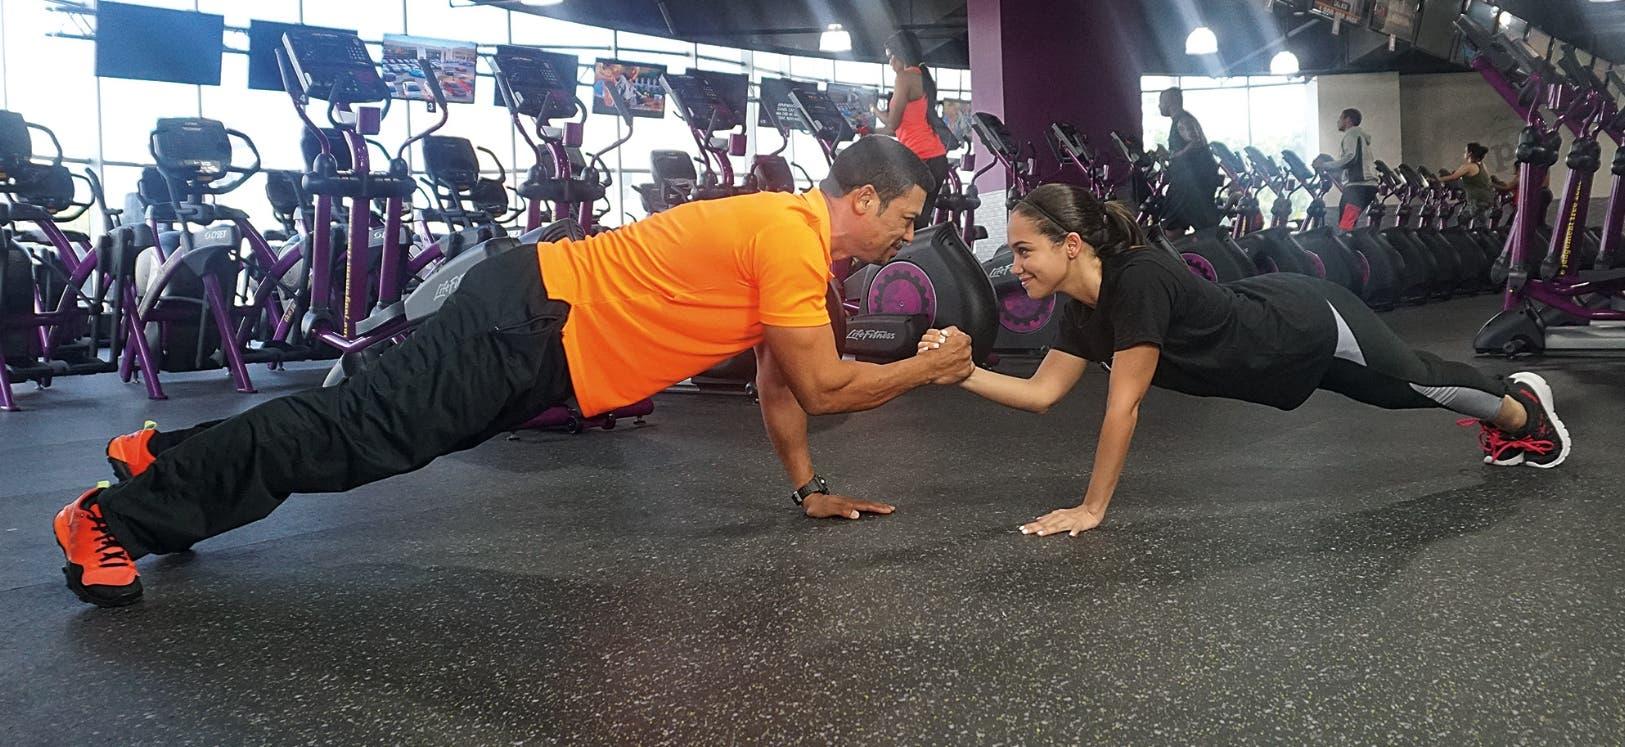 Estos ejercicios fortalecen los músculos, mejoran el desempeño y rendimiento,    estimulan el metabolismo y quema de calorías.